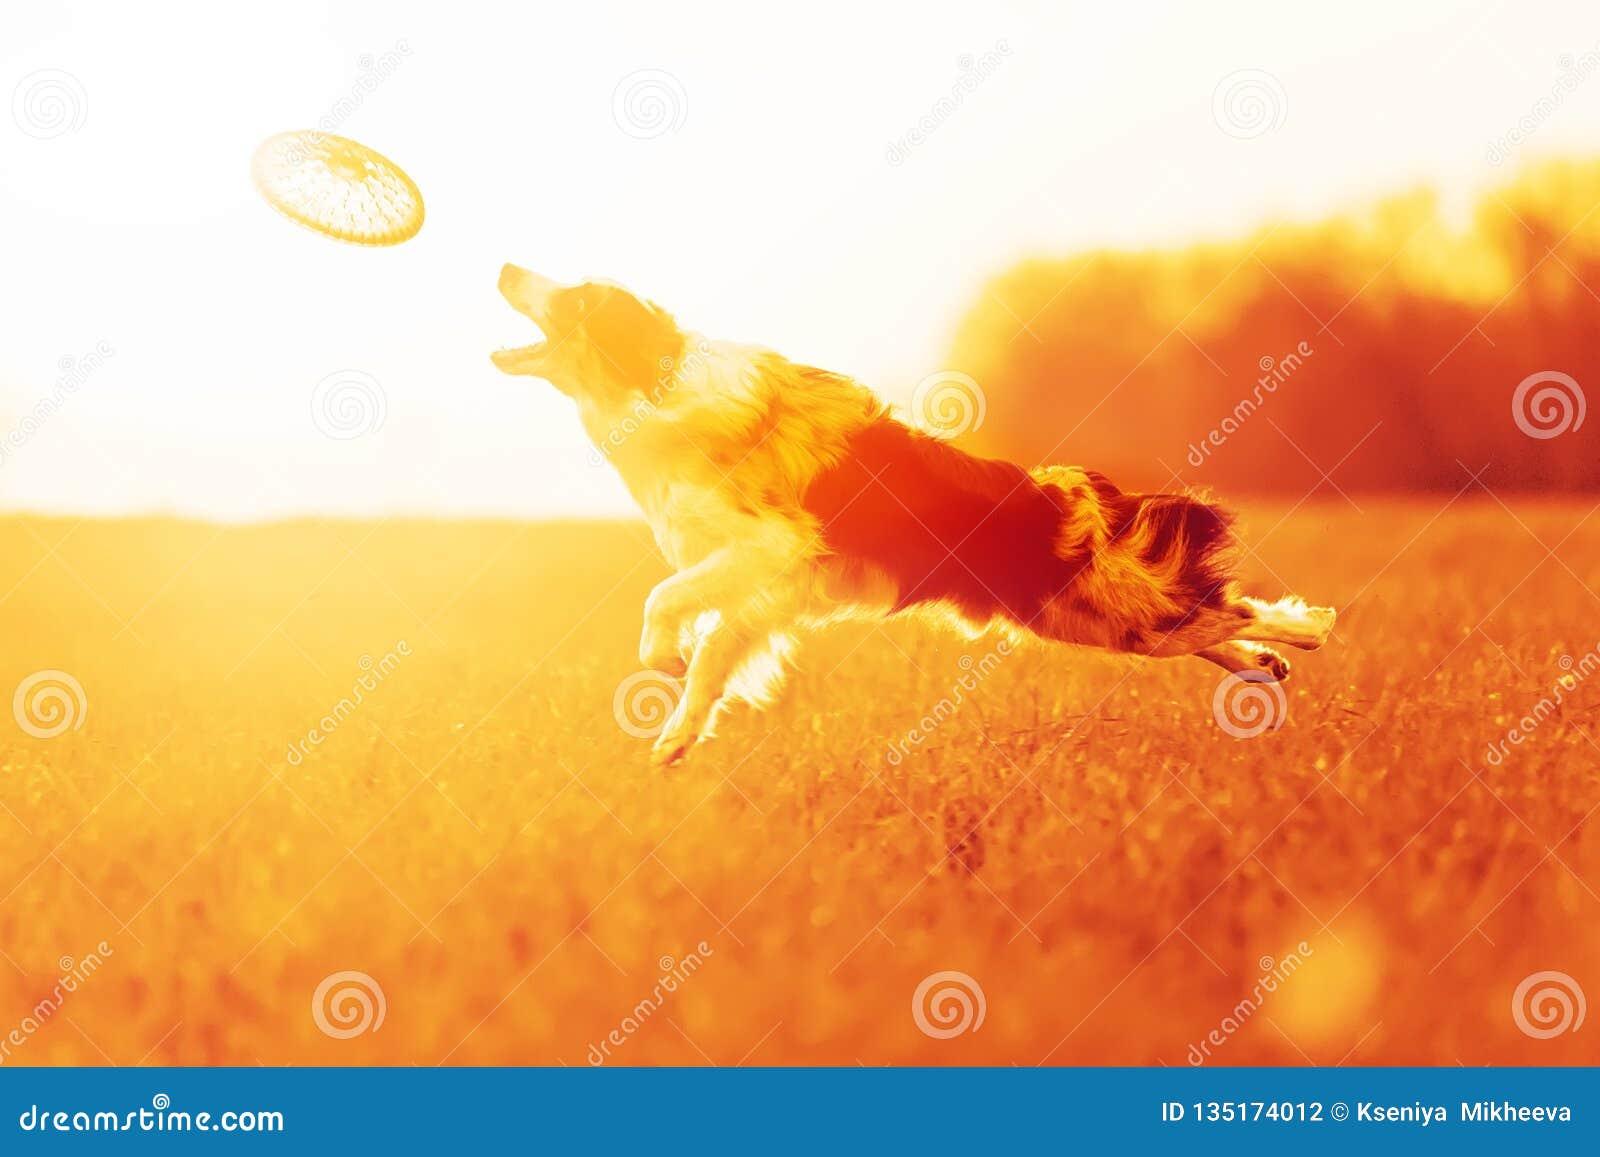 Άλμα κόλλεϊ συνόρων σκυλιών Mramar μέσα στον ουρανό στον τομέα